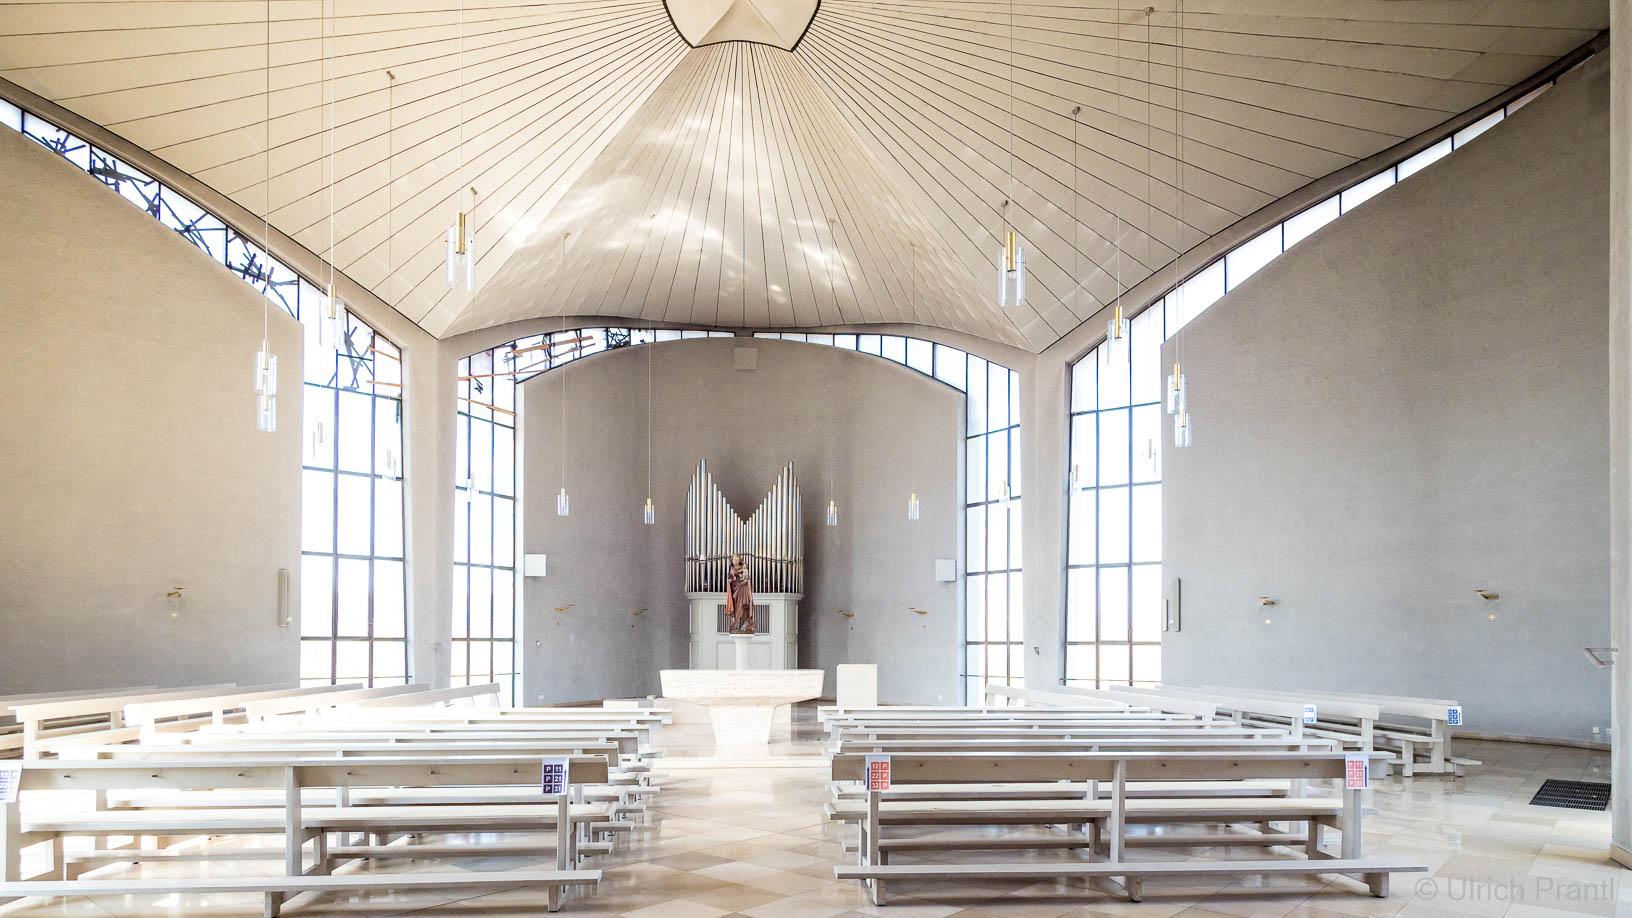 Kälberau: Moderne Kirchenerweitung